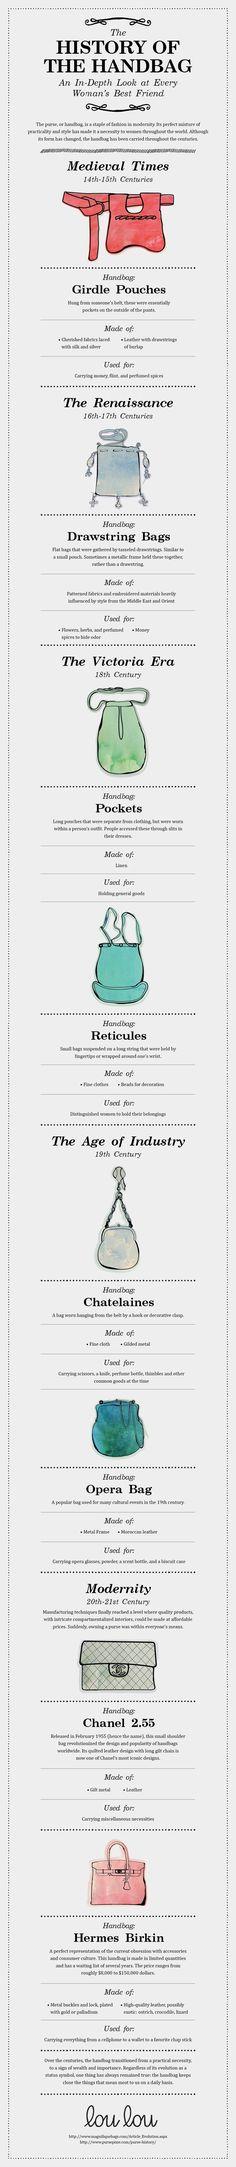 The History of the Handbag   #infographic #Handbag #LifeStyle #History